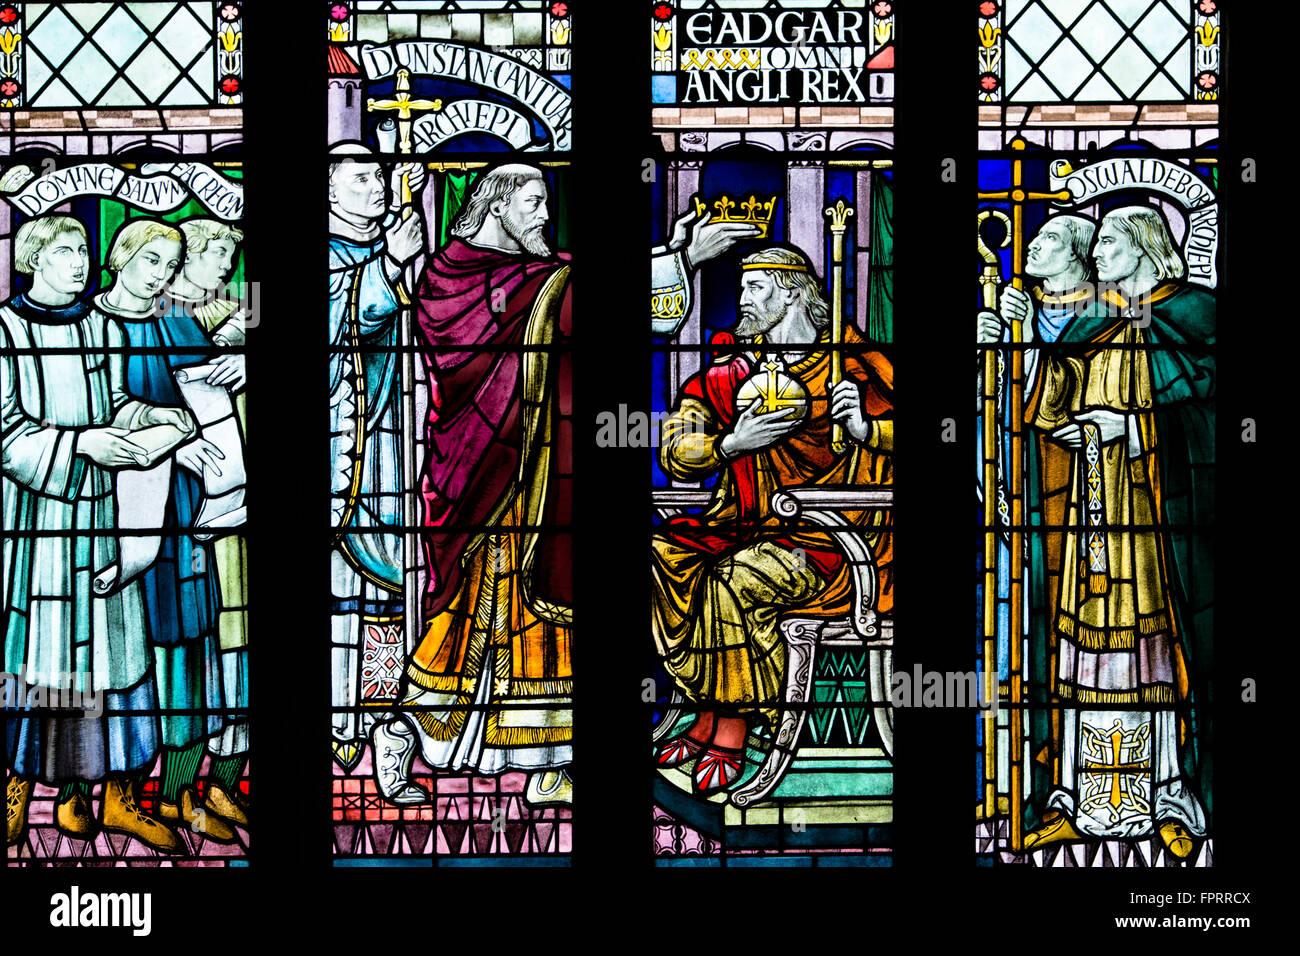 Glasmalereien aus dem 19. Jahrhundert zeigen die Krönung von König Edgar, die Abtei von Bath. Edgar war Stockbild